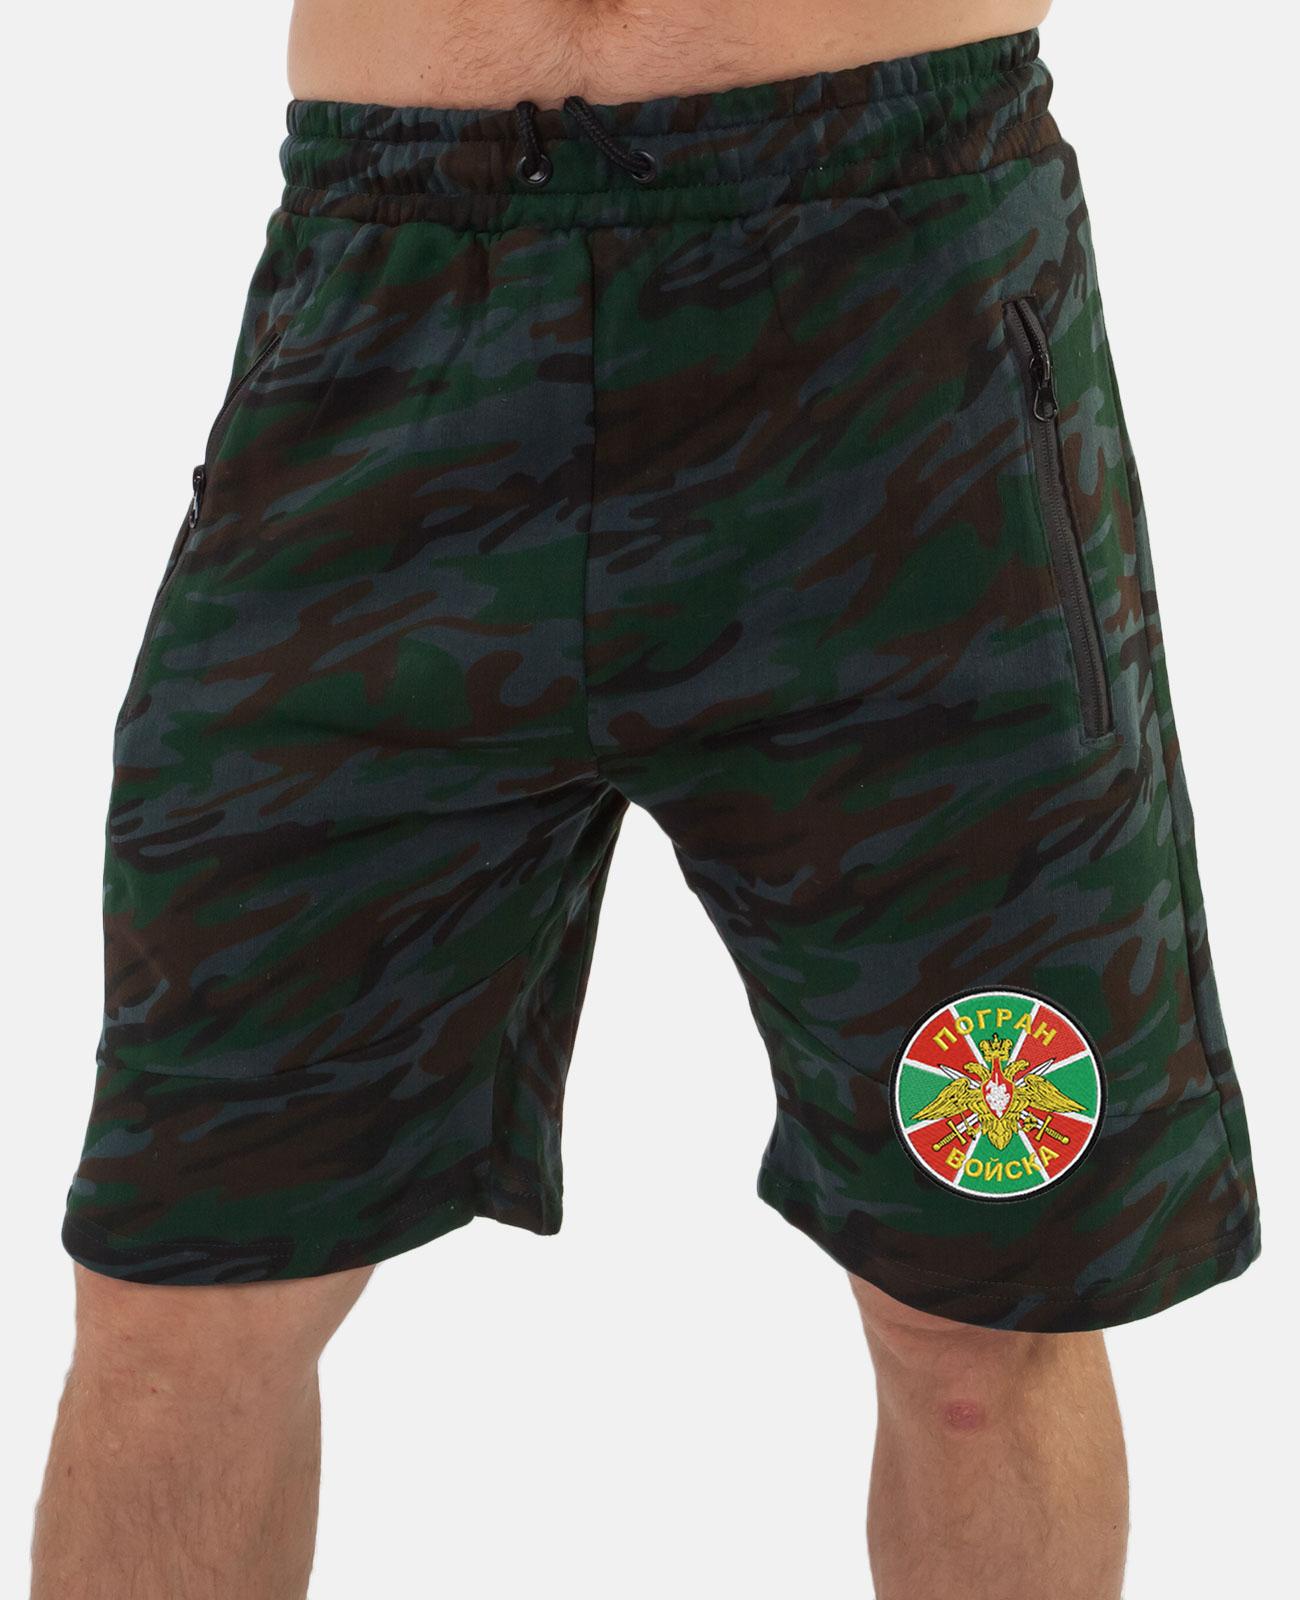 Оптом и  розницу мужские шорты, камуфляж